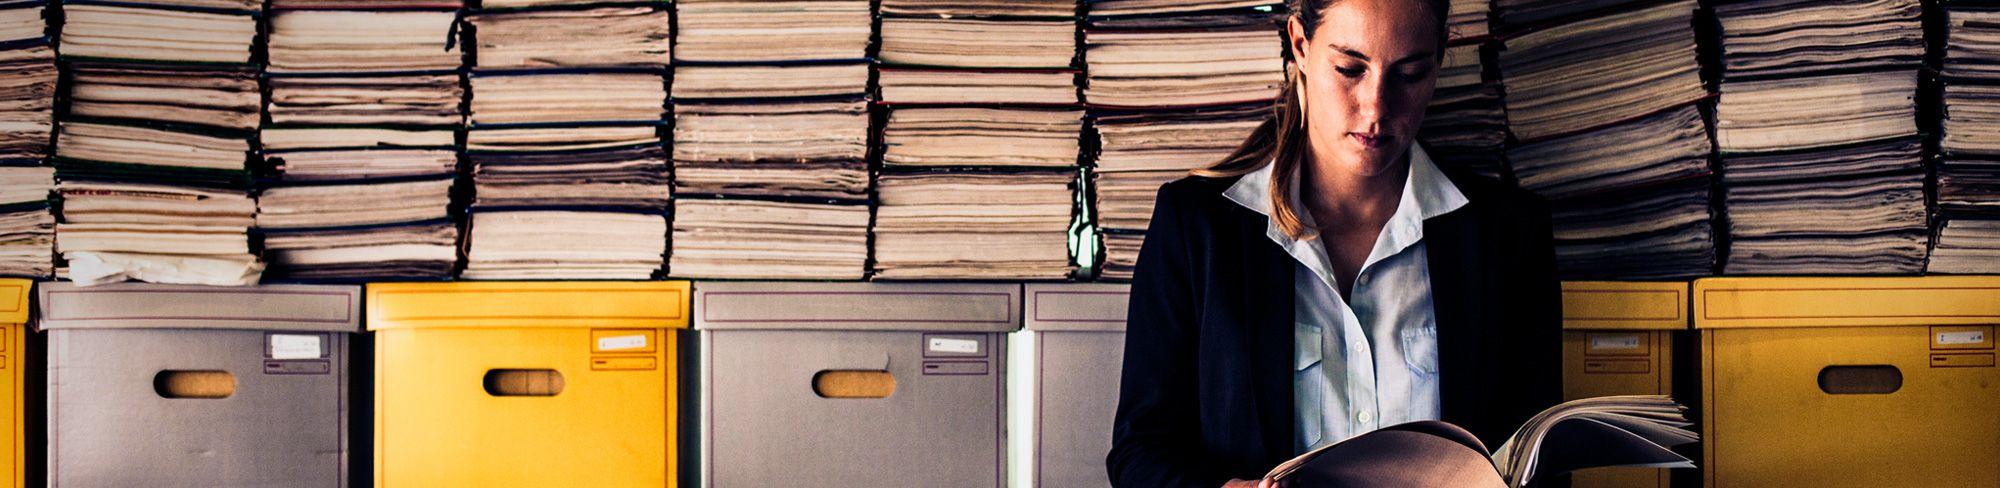 Datamax Document Management